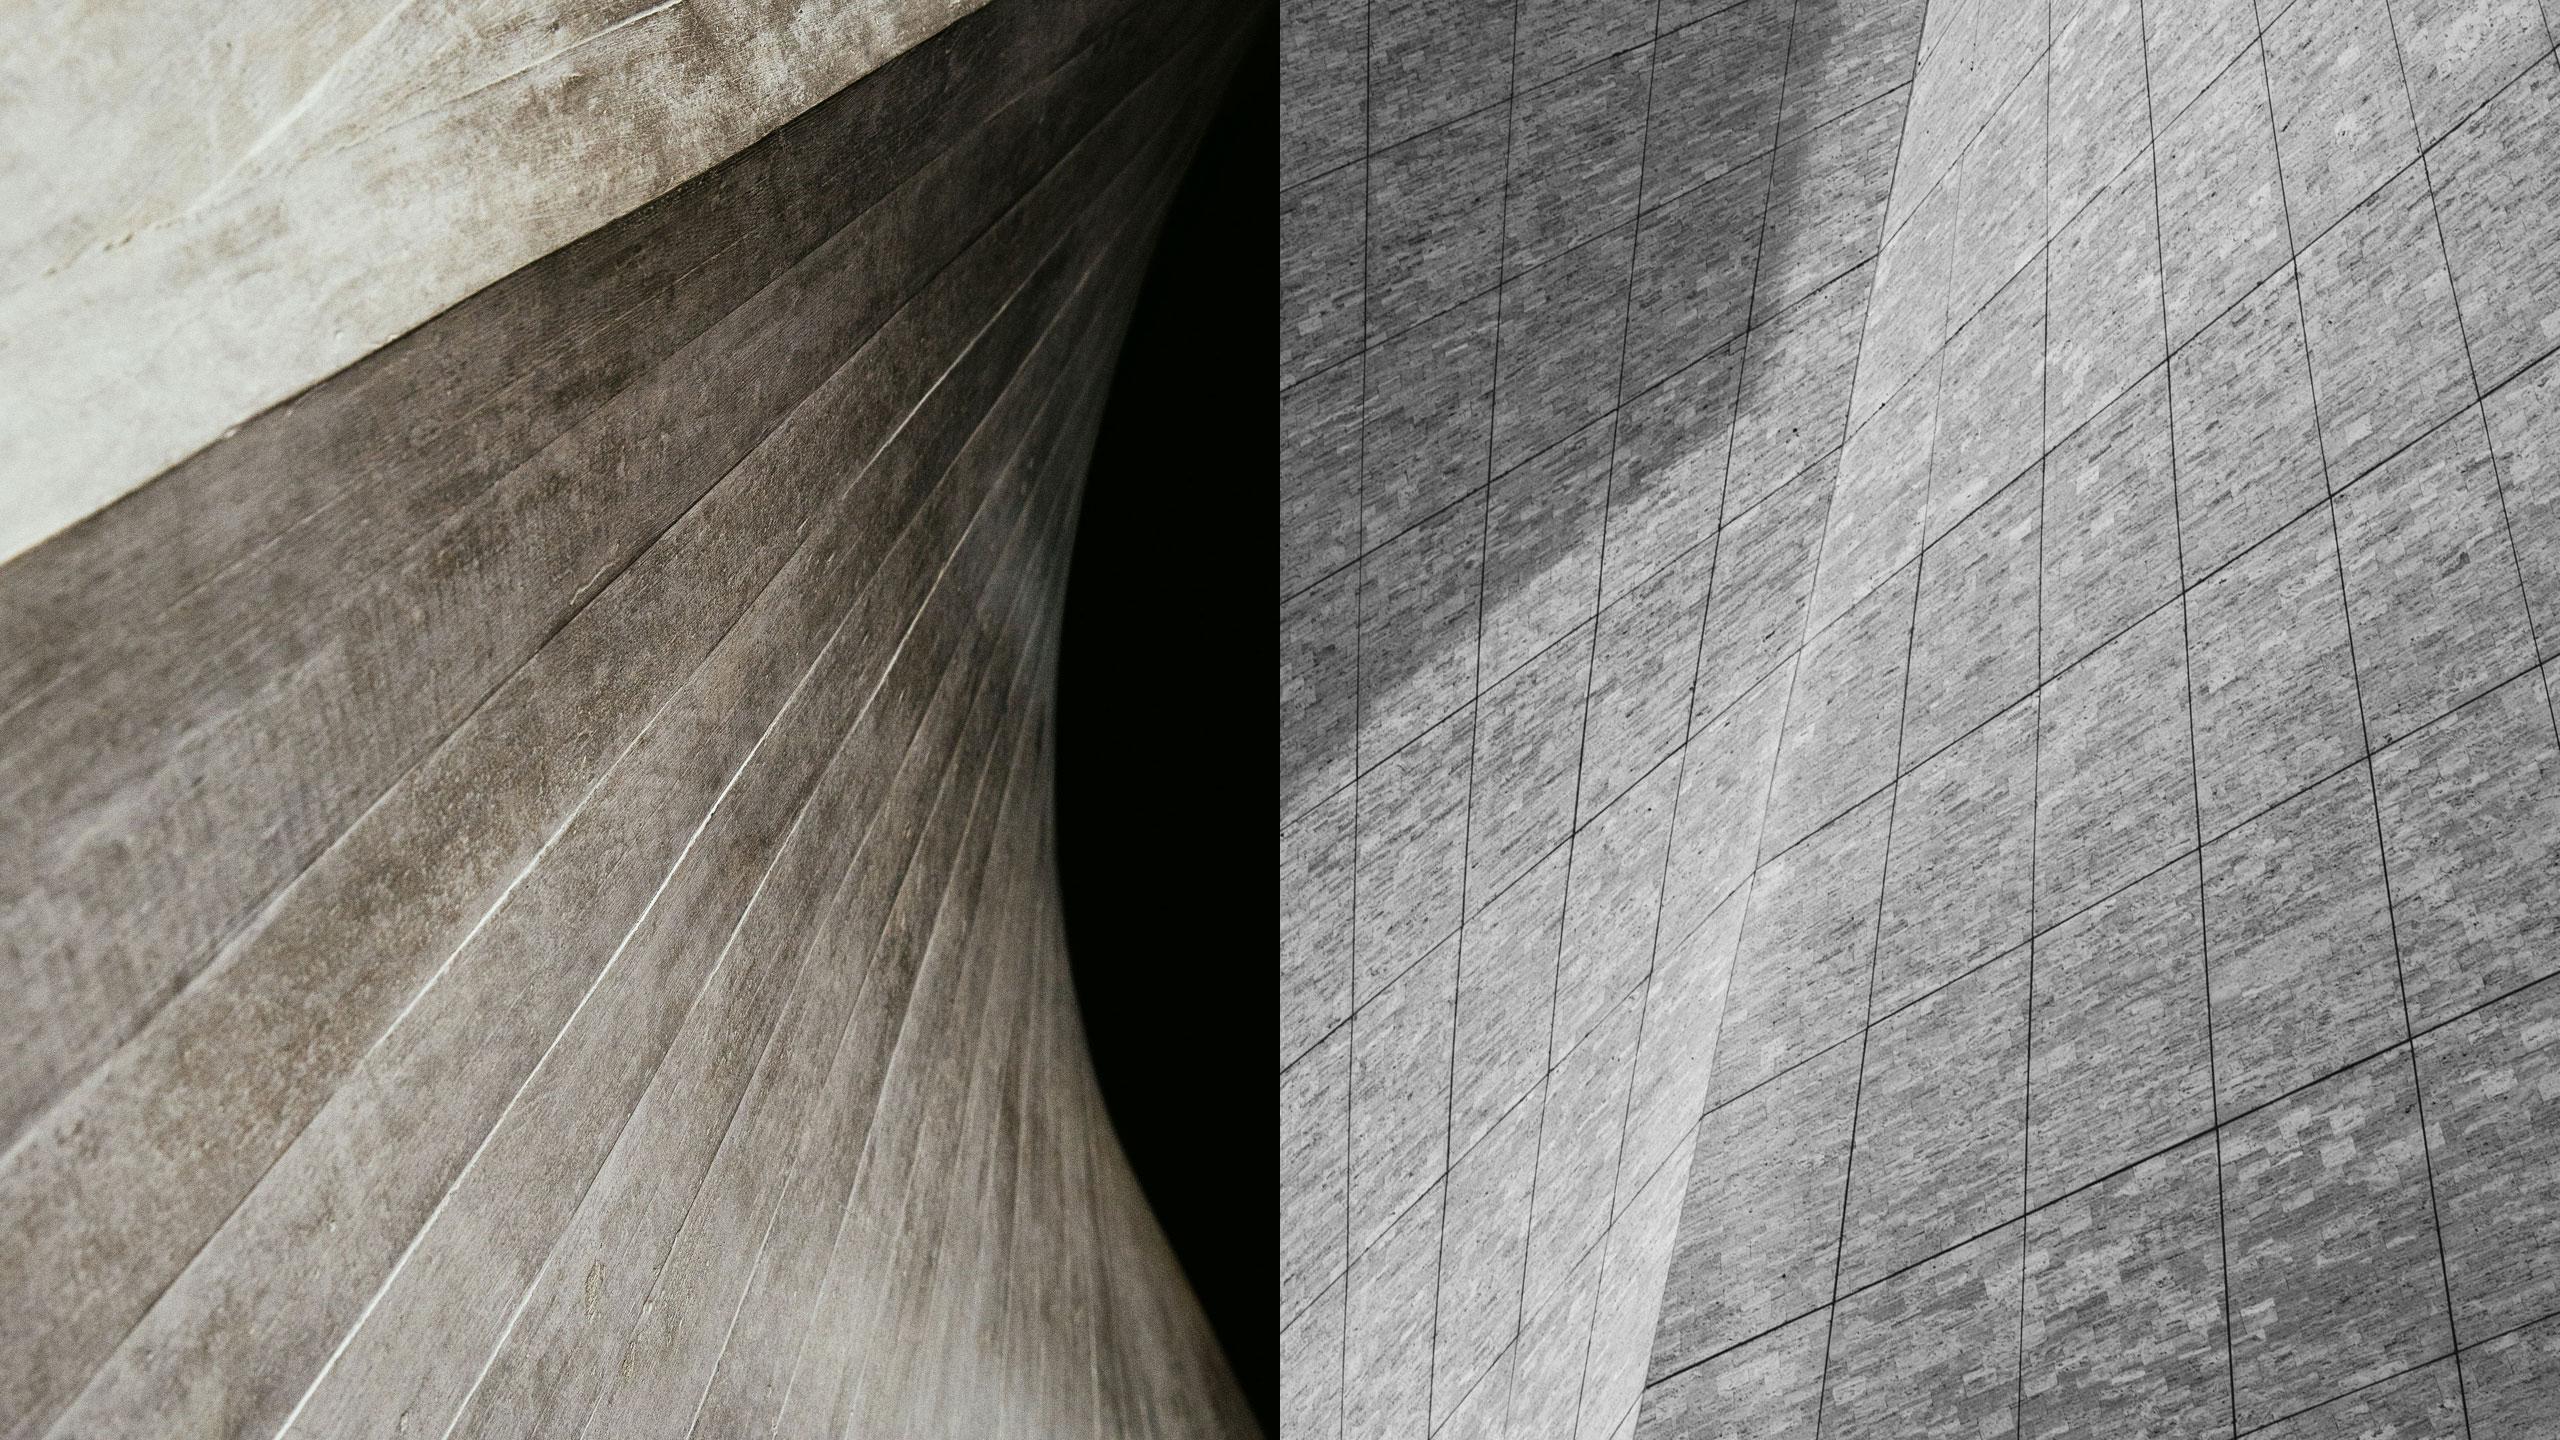 gmund-photography-urban-17